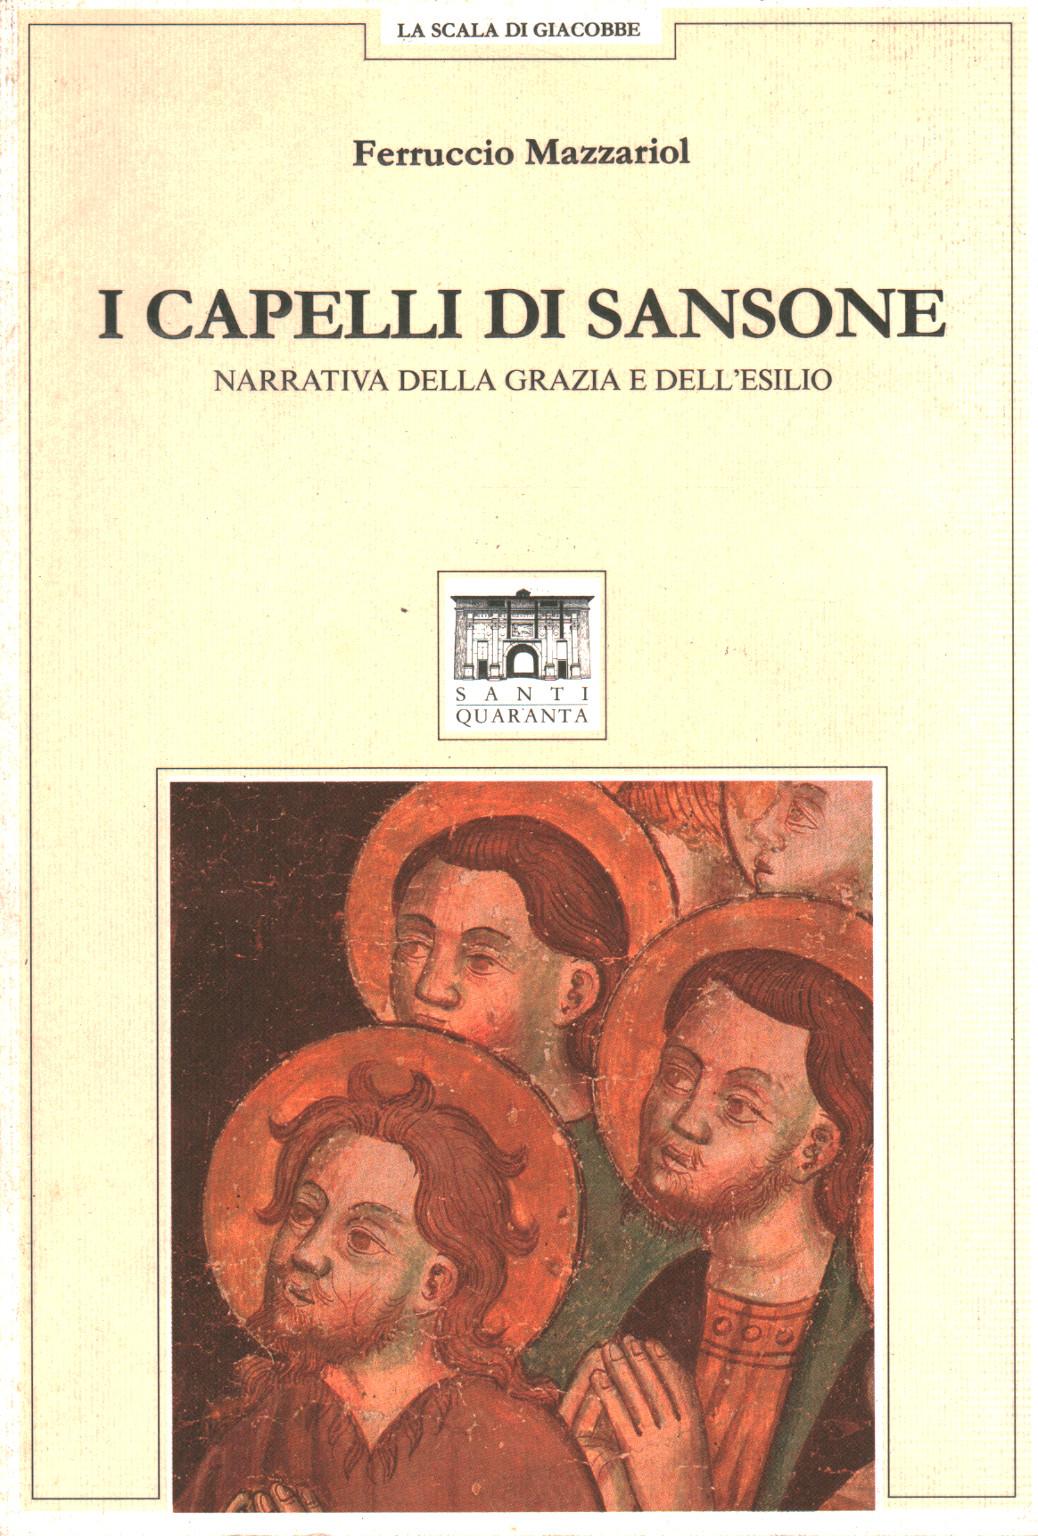 Taglia I Capelli Di Sansone  2022